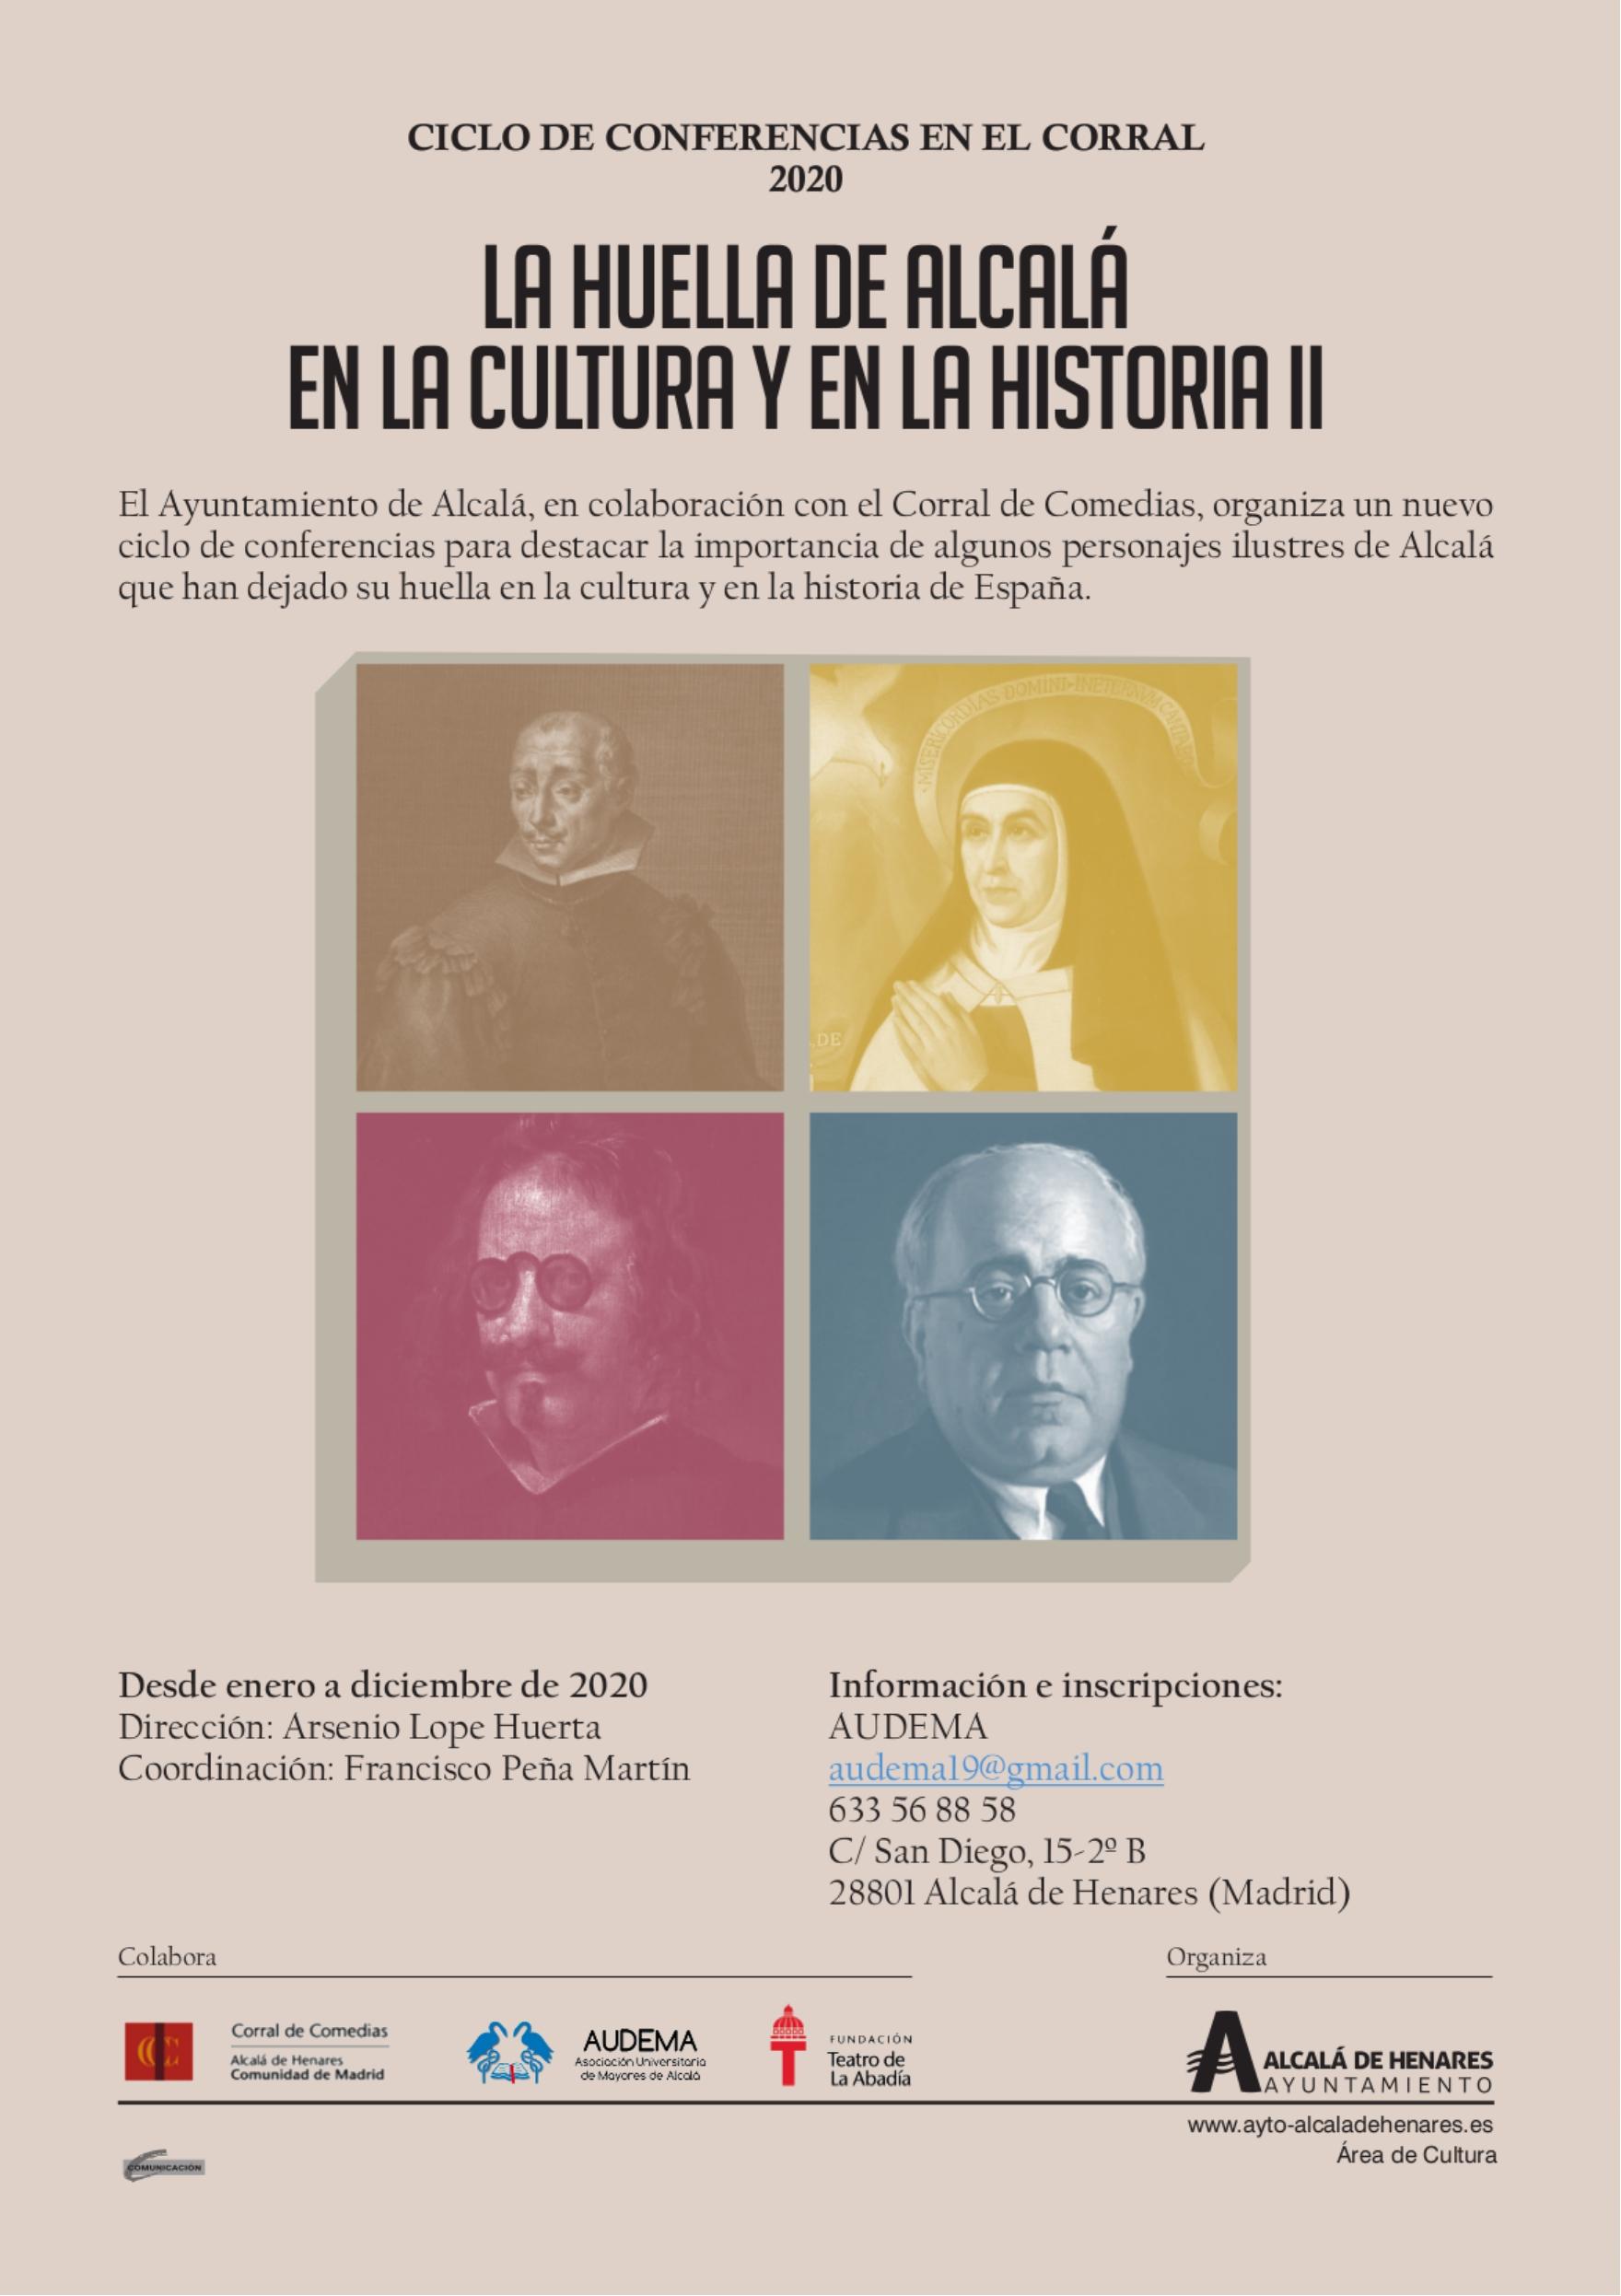 La huella de Alcalá en la Cultura y en la Historia II